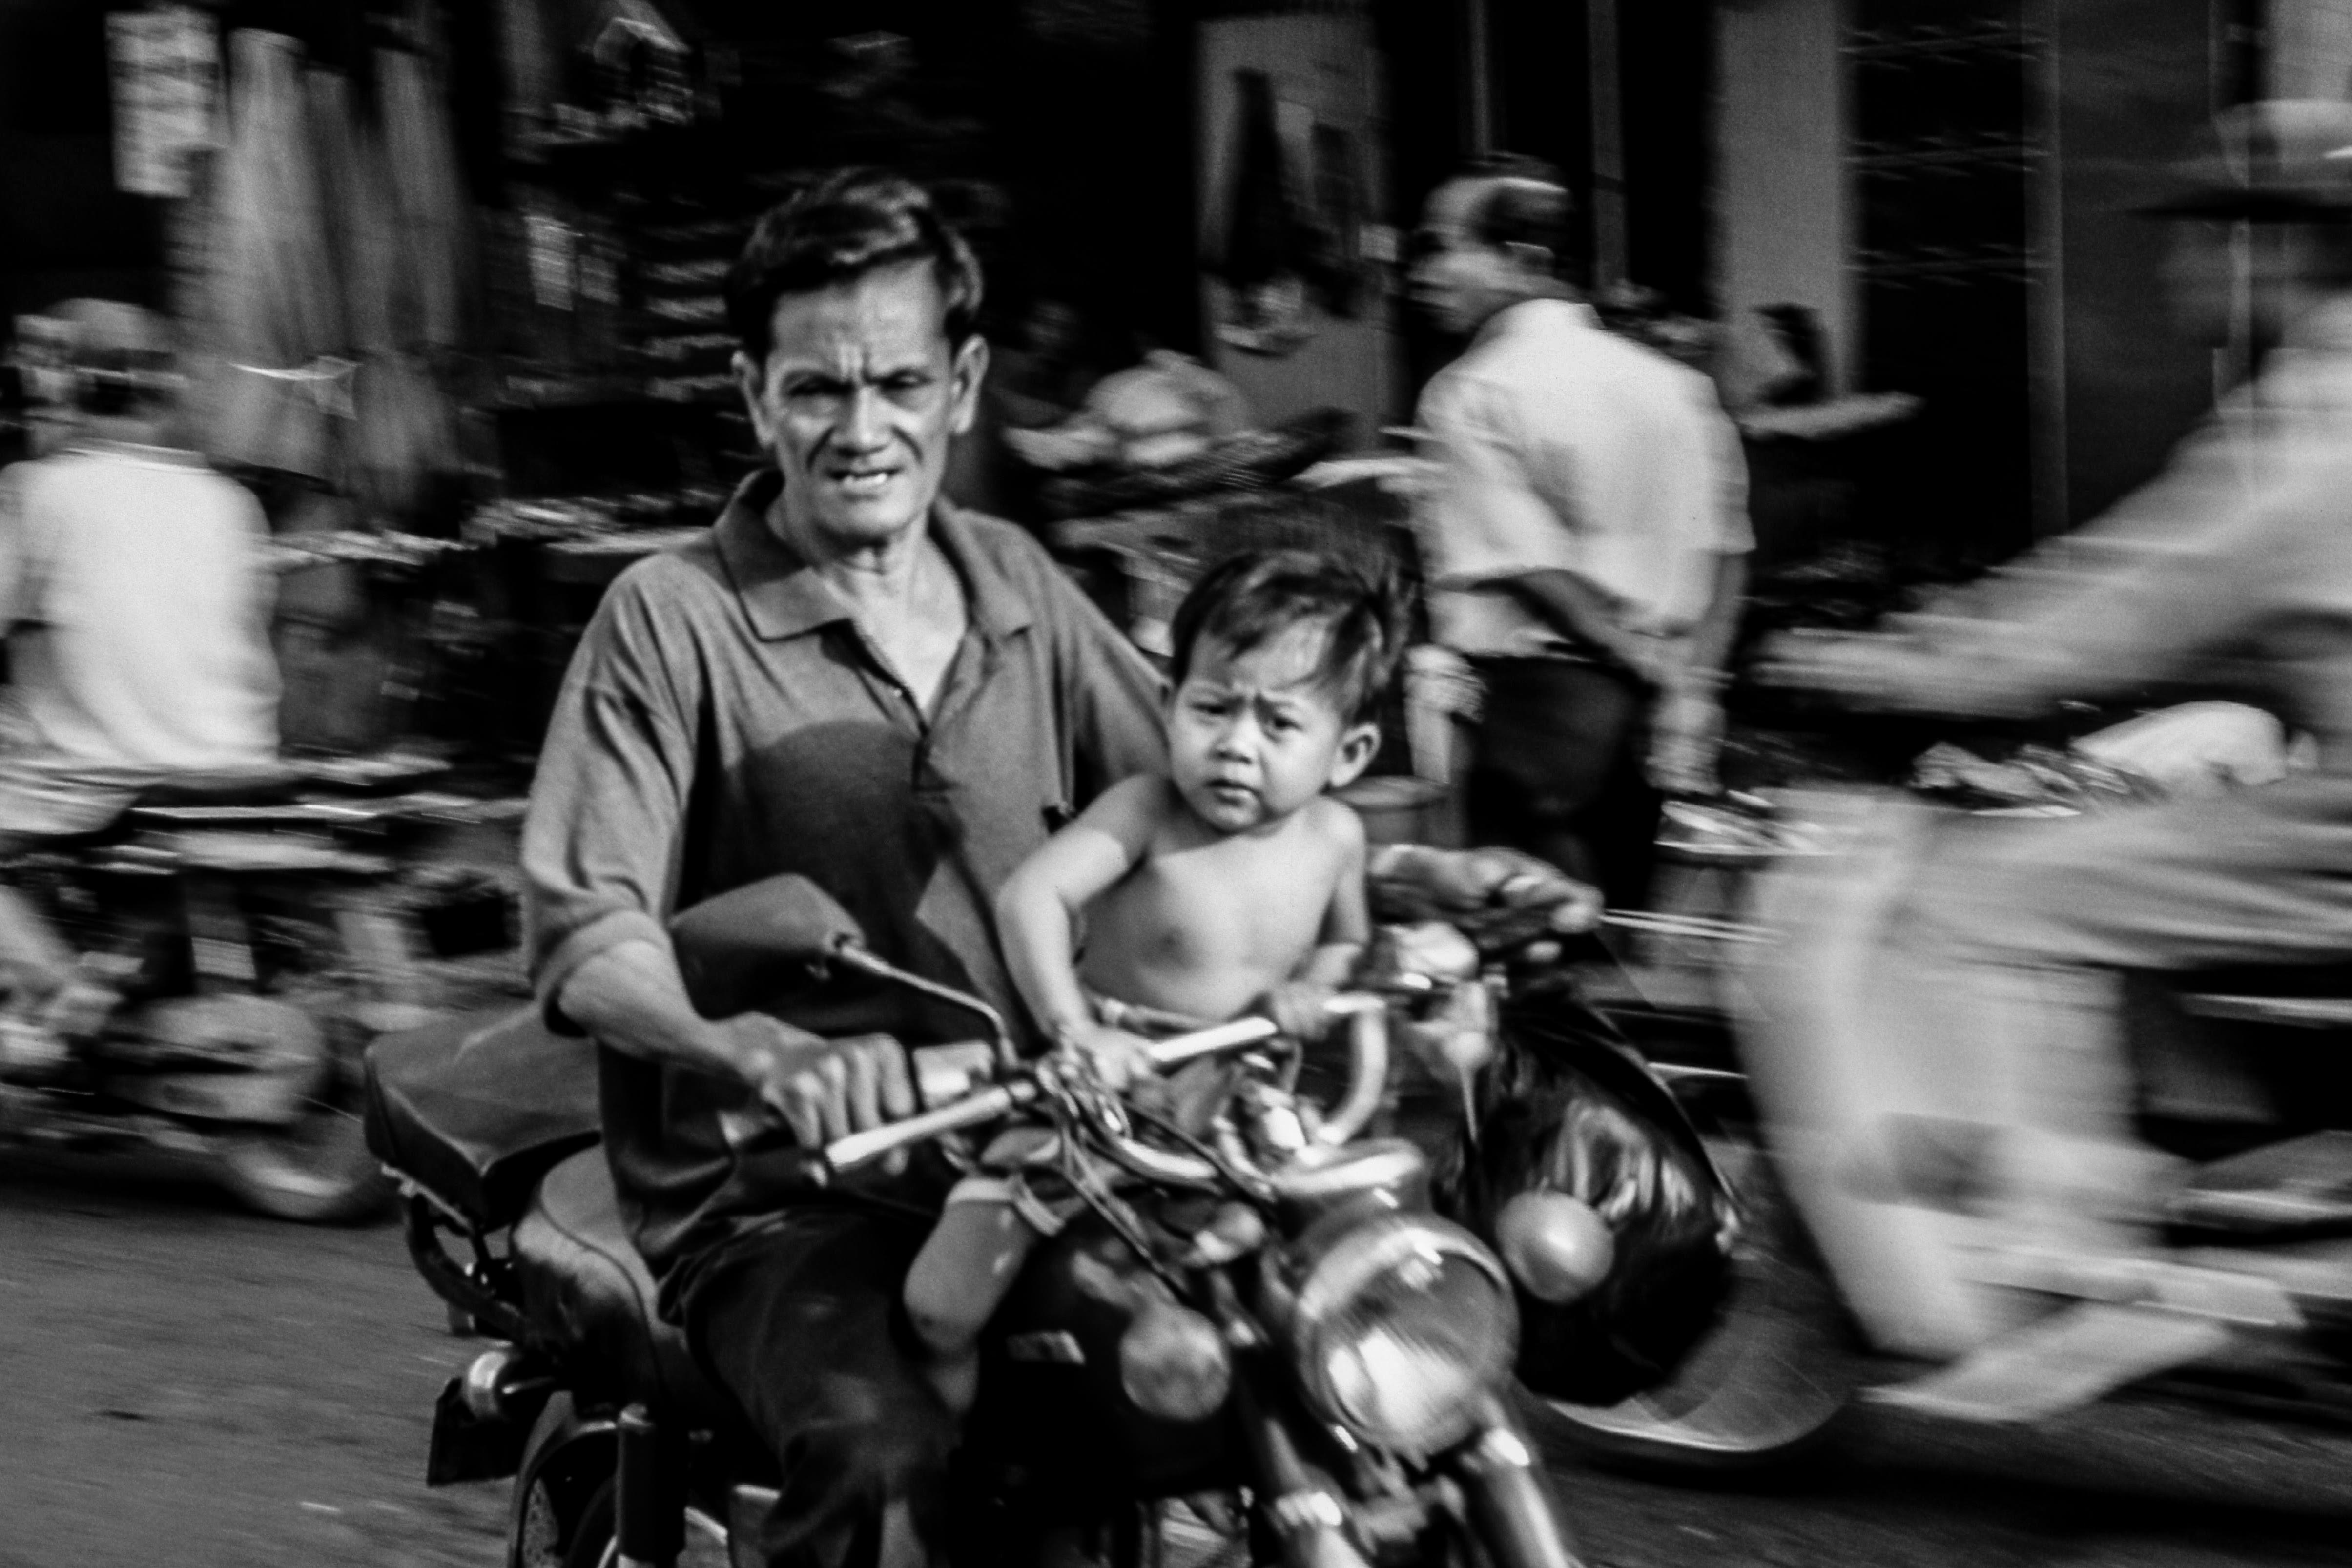 Viet Nam, Saigon motorbikes